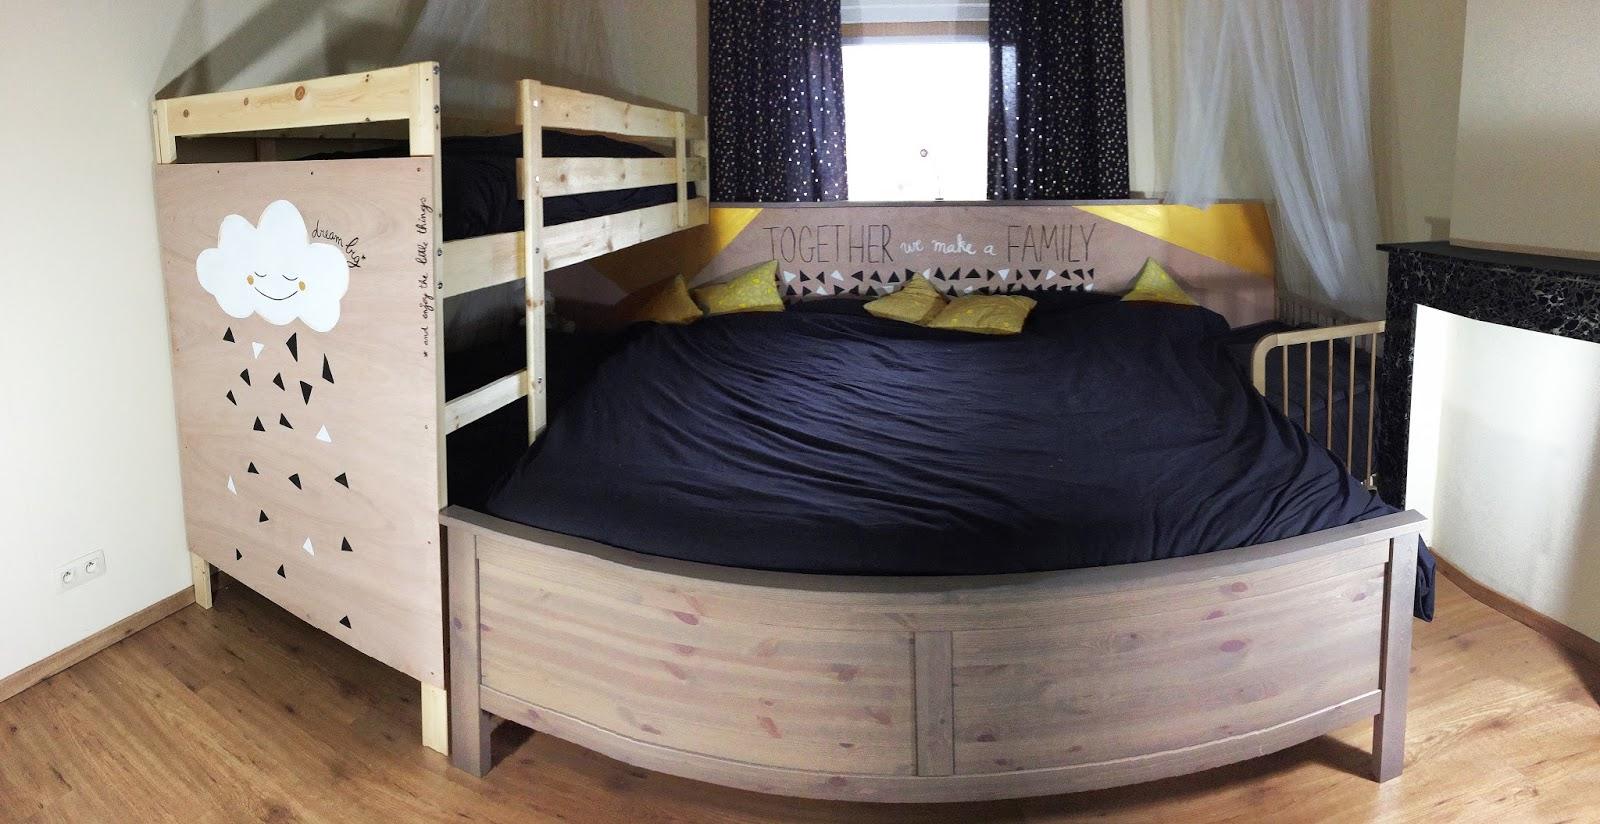 Mamamira dream big een bed tegen varkentjes - Bed dat gelederen ...